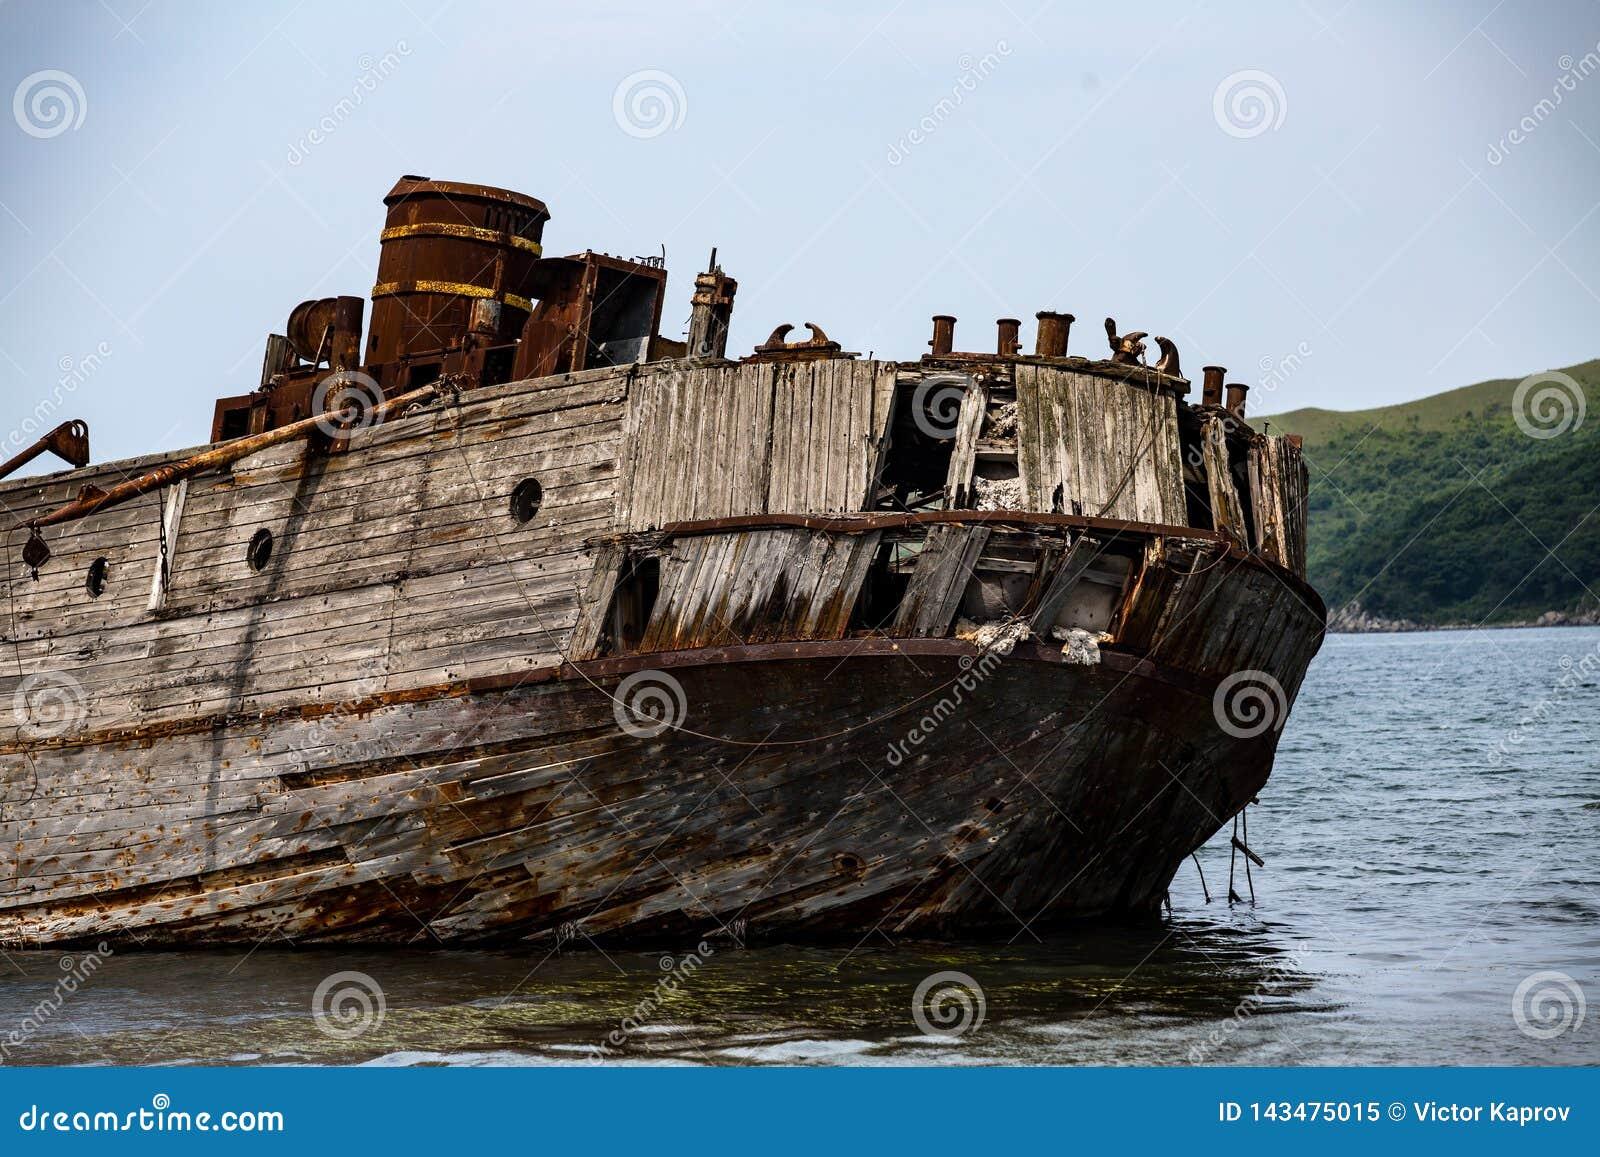 Die Überreste eines versunkenen Schiffs im japanischen Meer